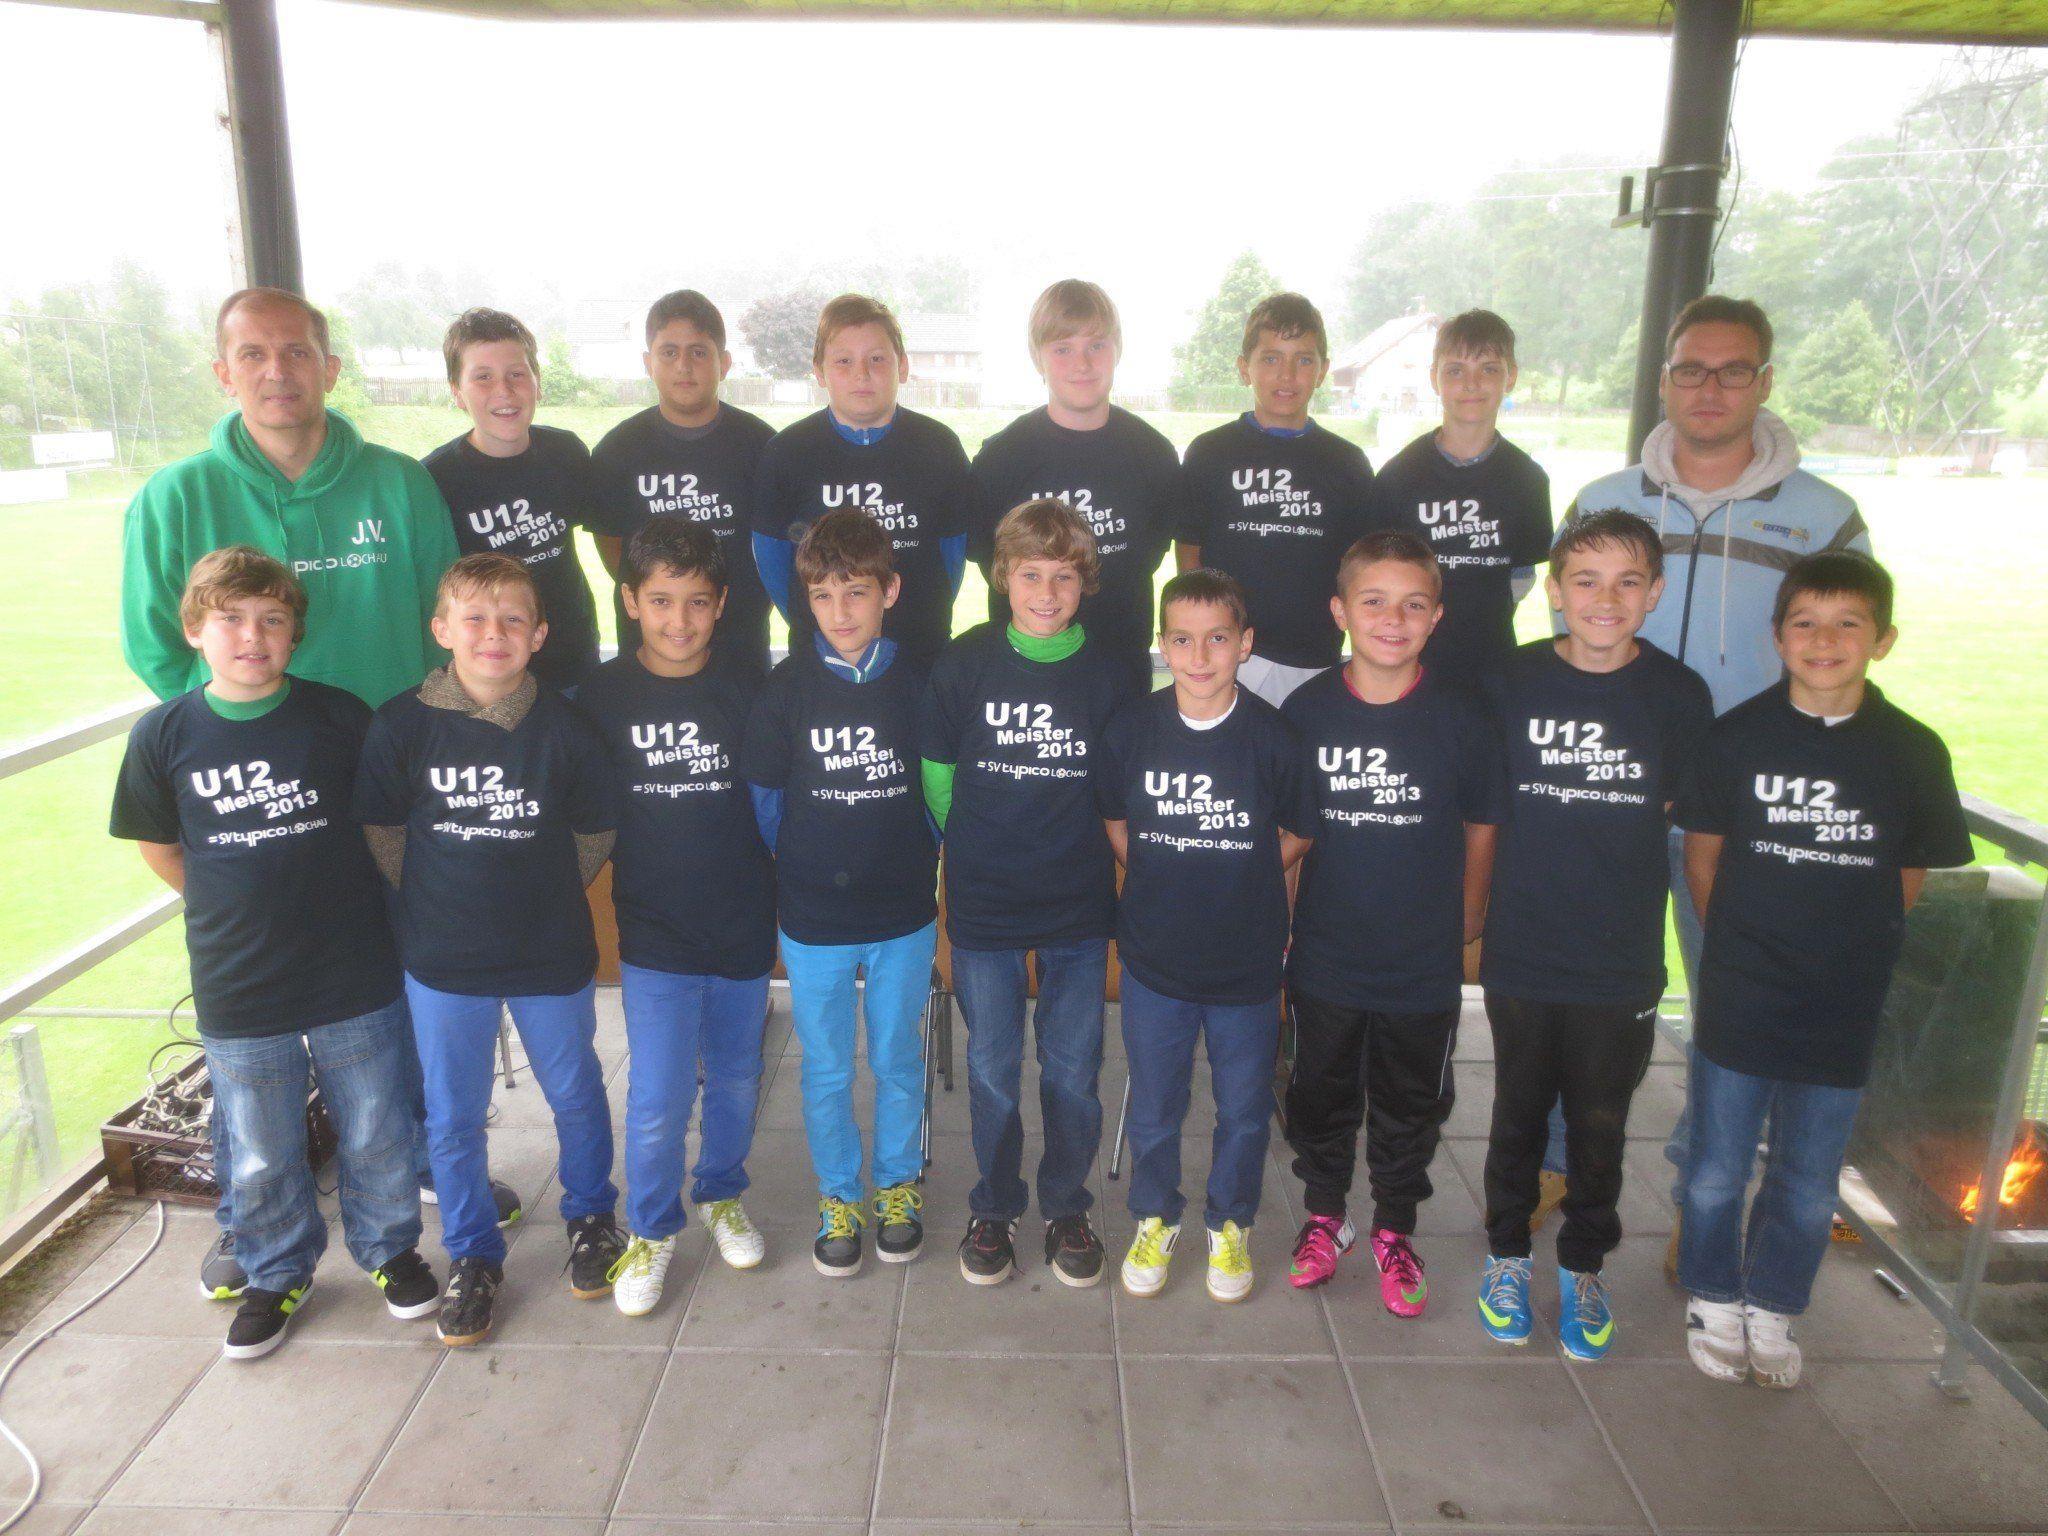 Das U 12 Meisterteam mit den Trainern Jeremic Vladan und Martin Malin wurde natürlich besonders gefeiert.